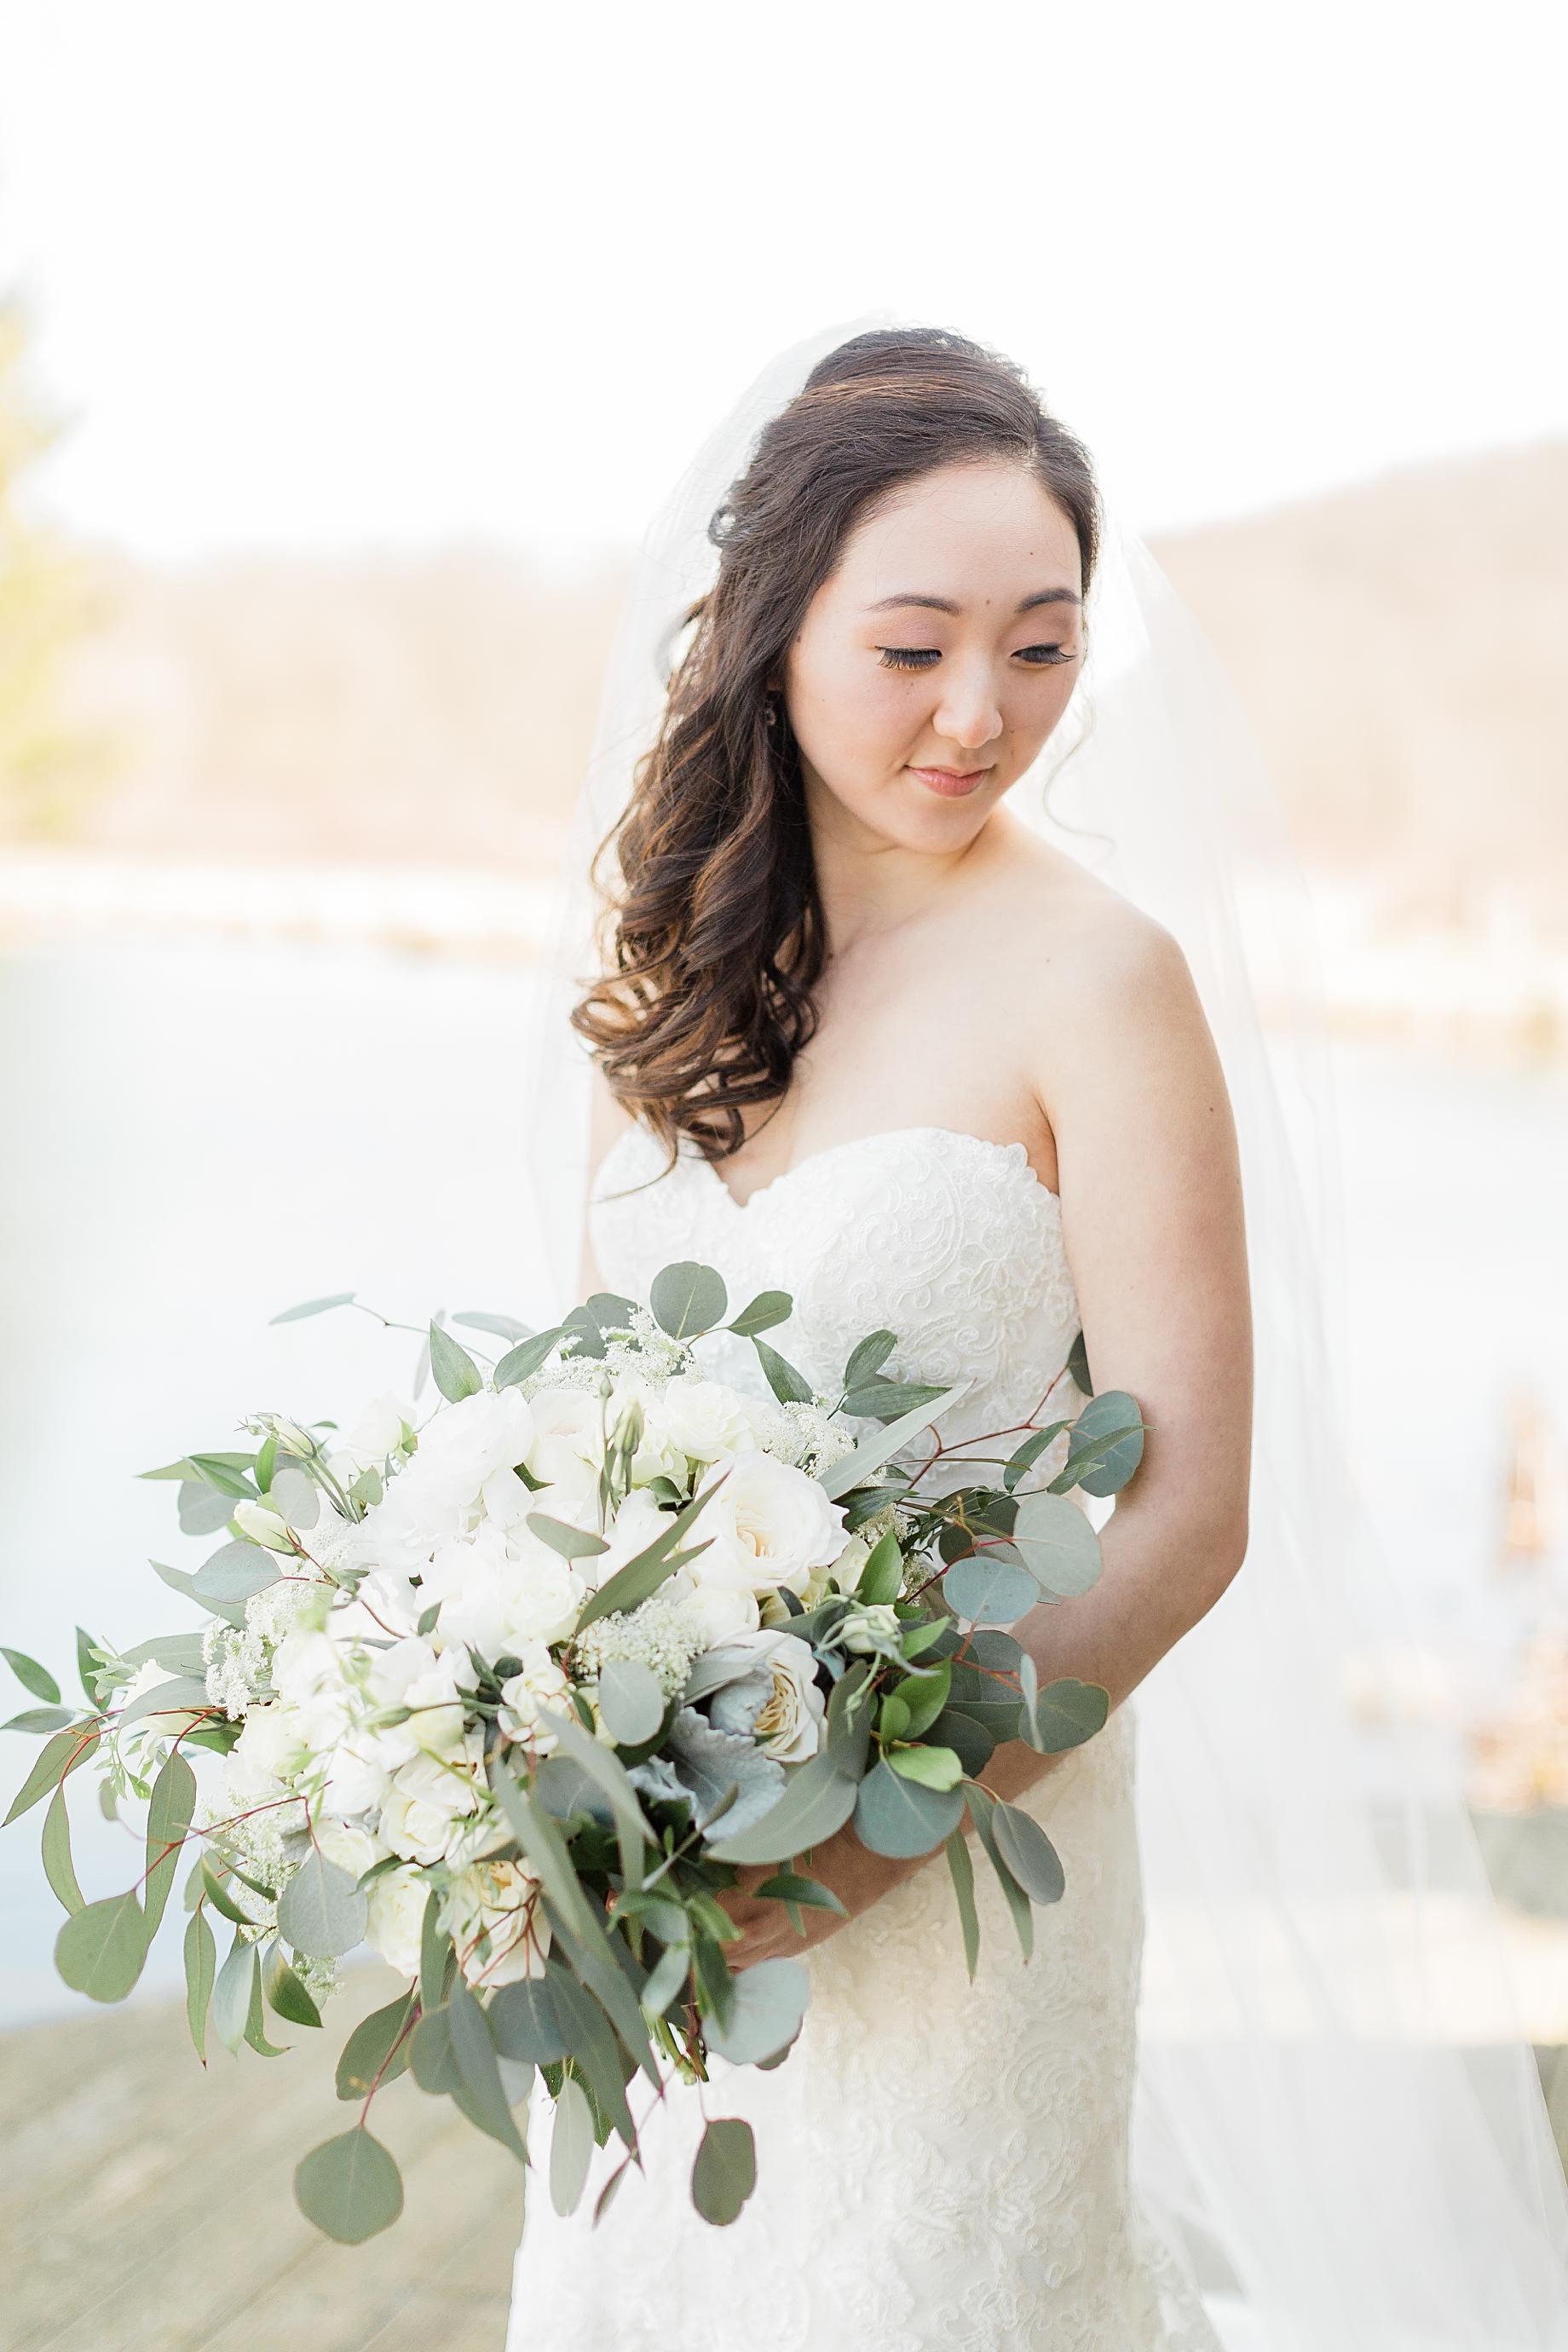 Elegant Winter Wedding at French Creek Golf Club